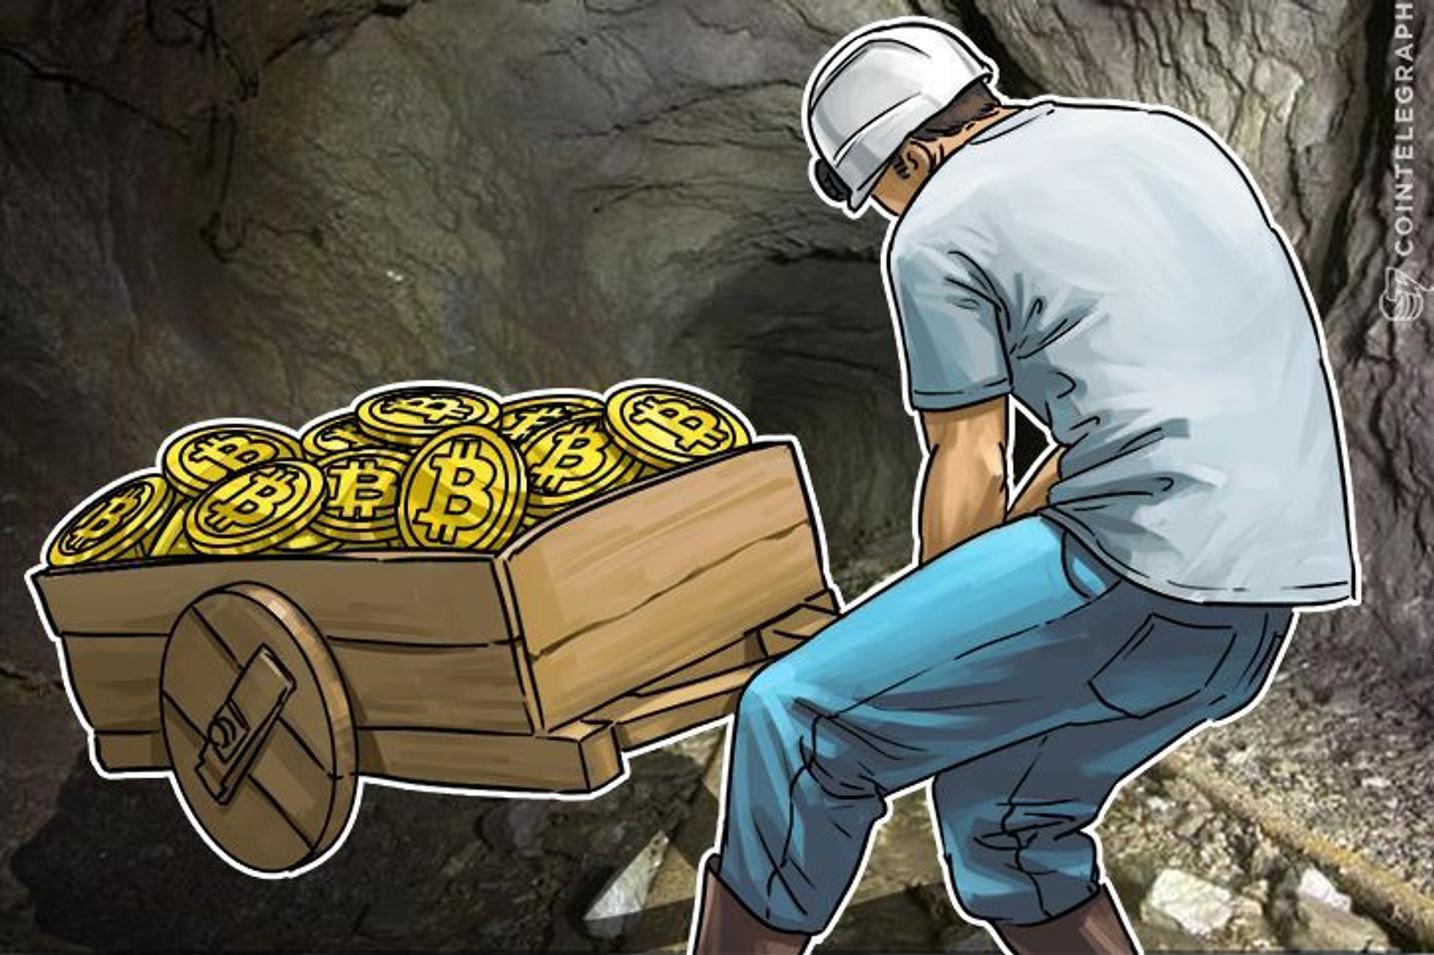 Rusija: Bitkoin rudari u pregovorima oko viška el.energije iz energetskih kompanija